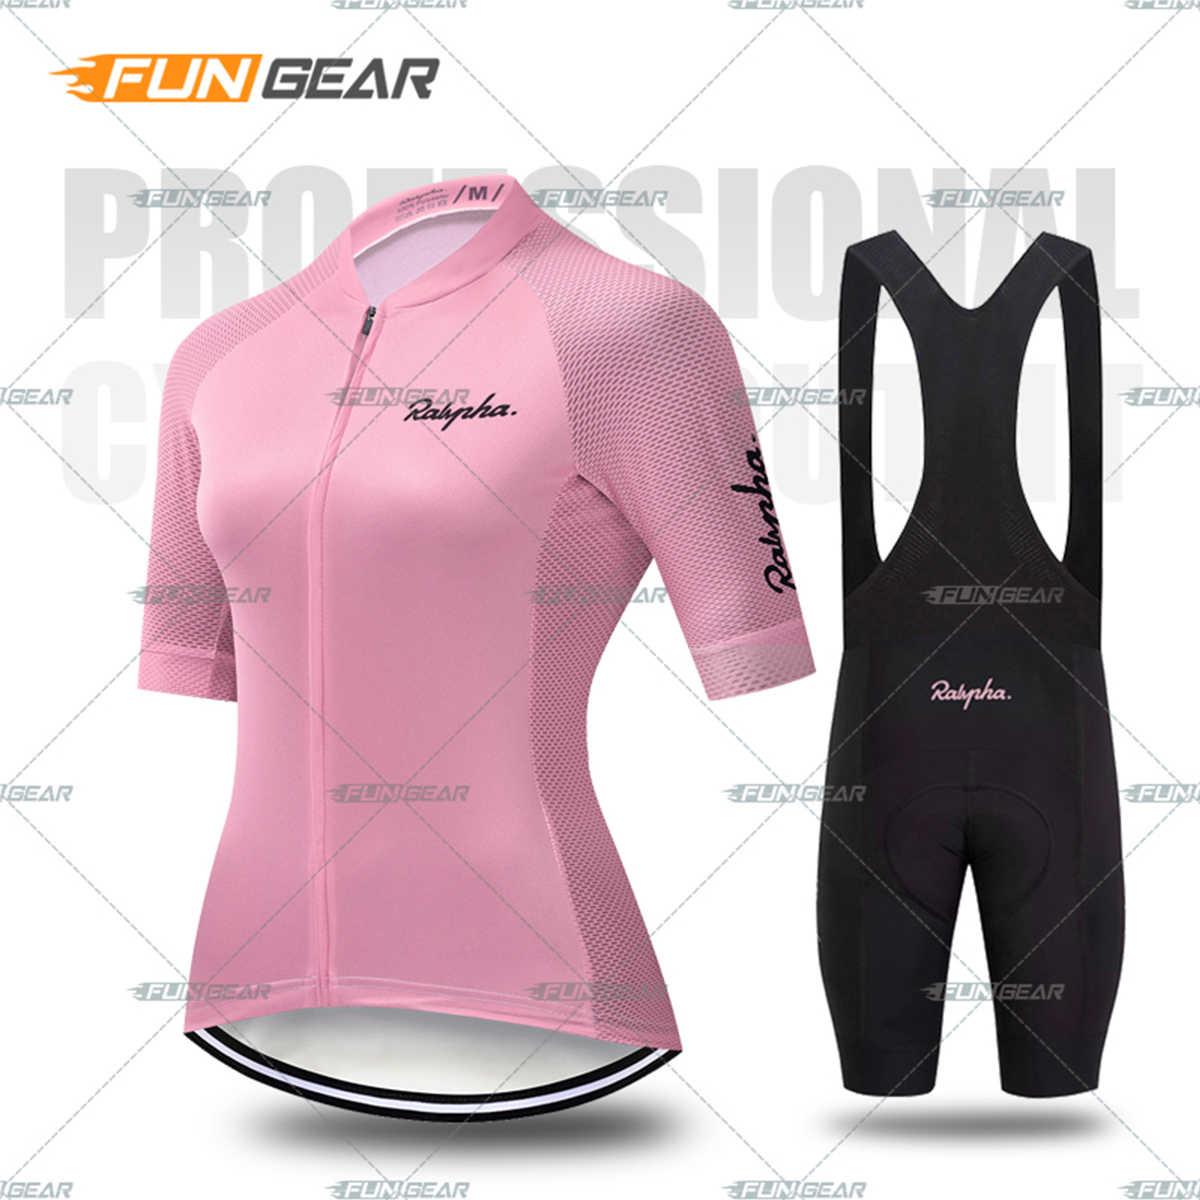 Maillot de cyclisme pour femme, avec coussin, tenue de vélo, avec rembourrage, ensemble de vélo, modèle tenue décontracté